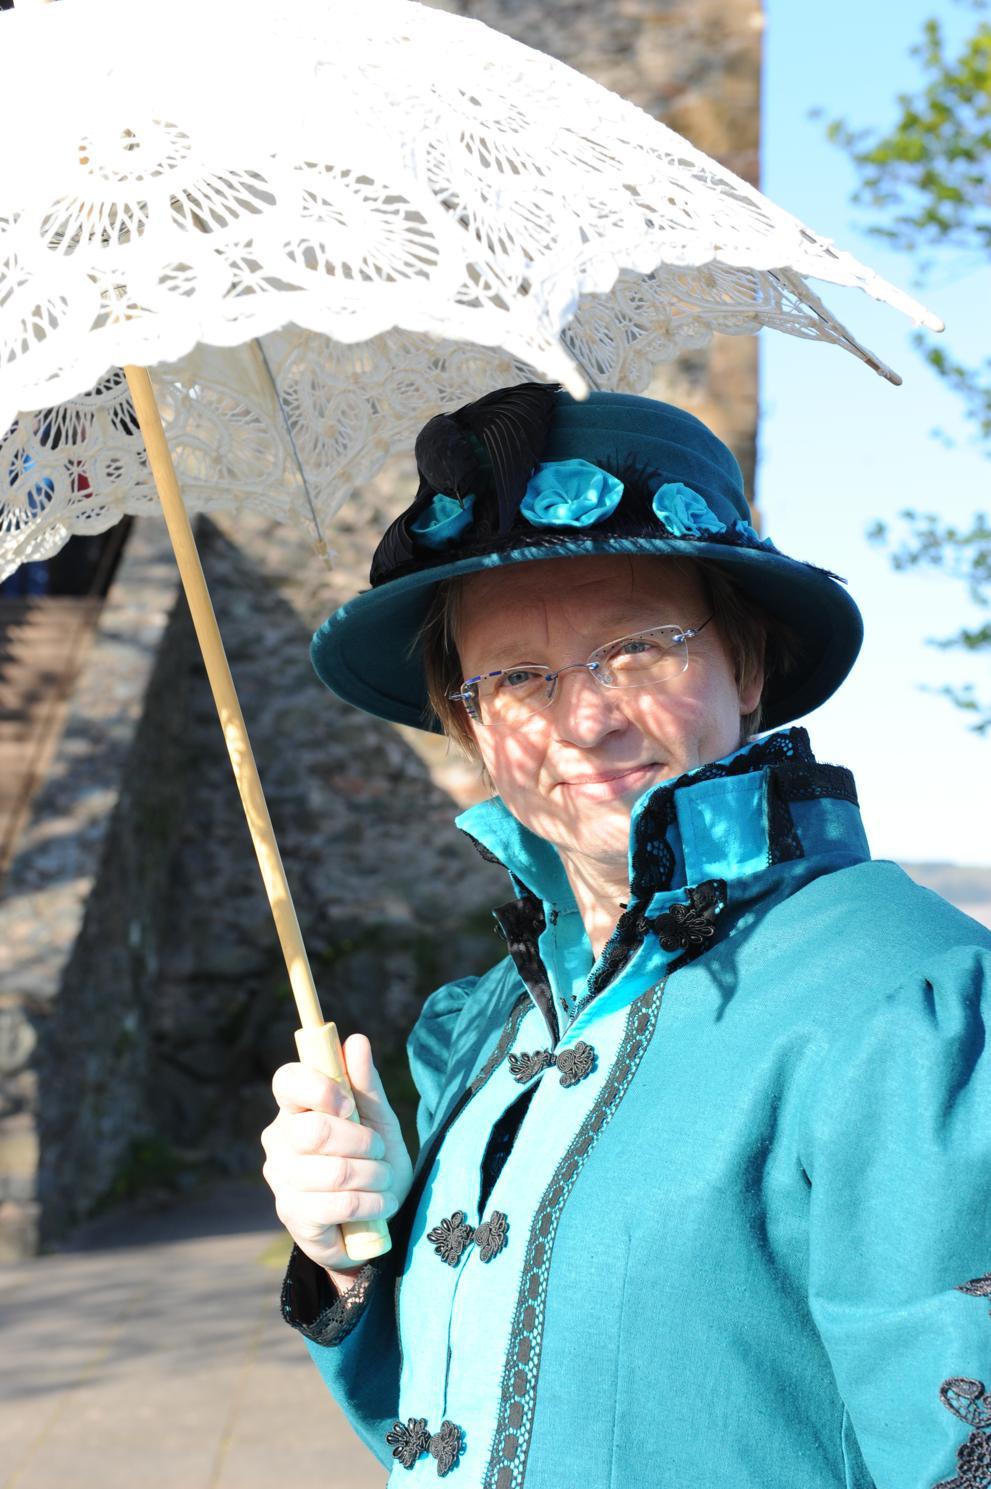 Die englische Weinhändlersgattin auf der Saarburg. Zeitgemäß mit Hut und Sonnenschirm.